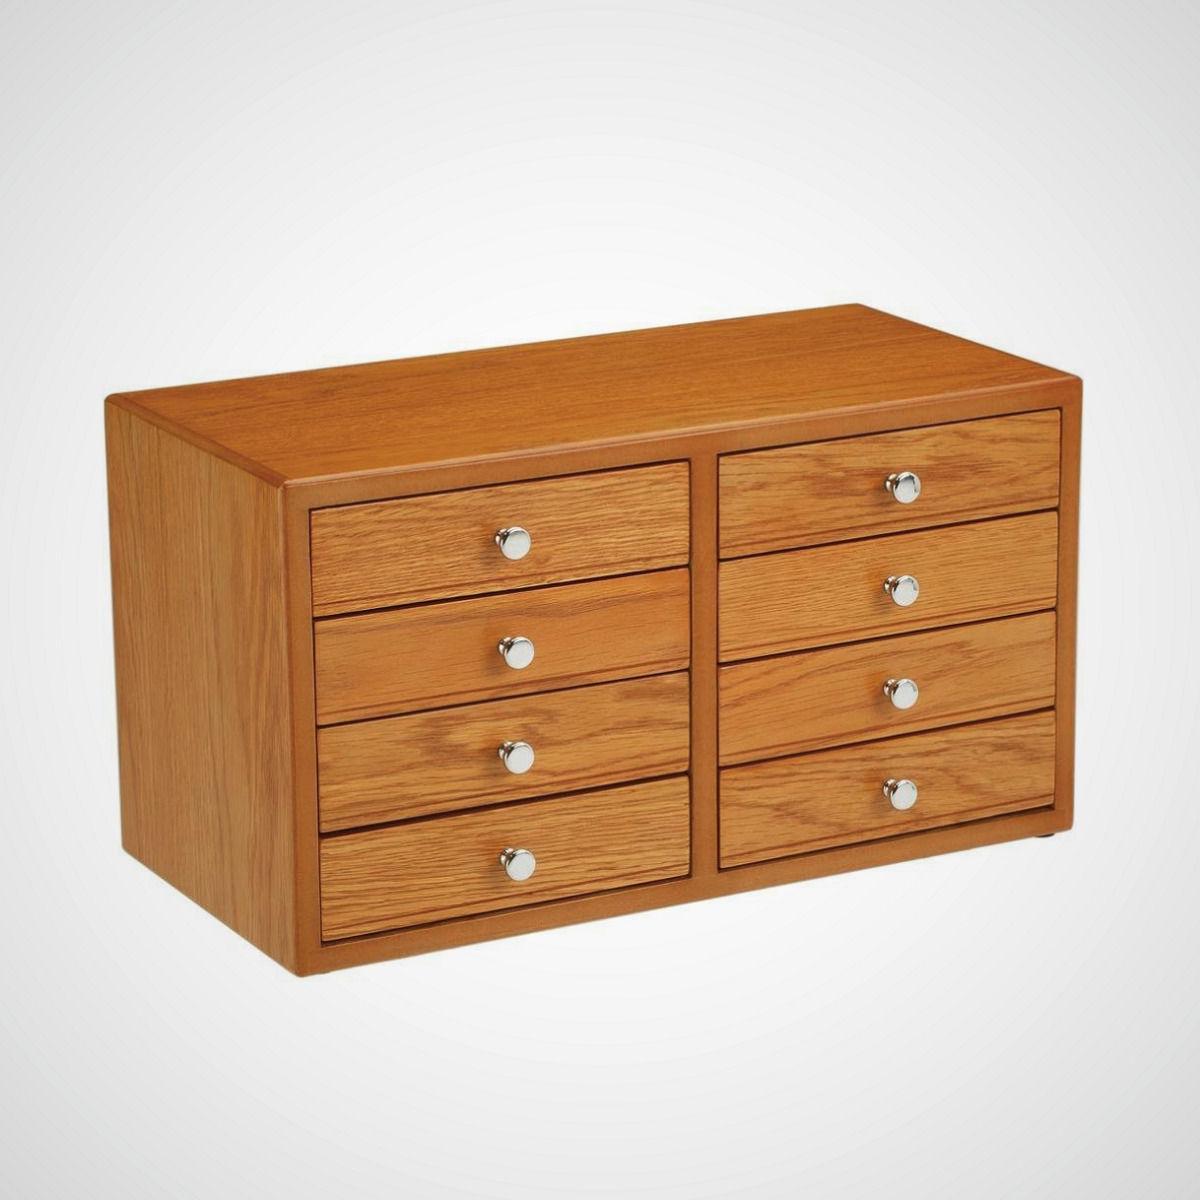 tool multi drawer storage organizer cabinet oak bathroom kitchen